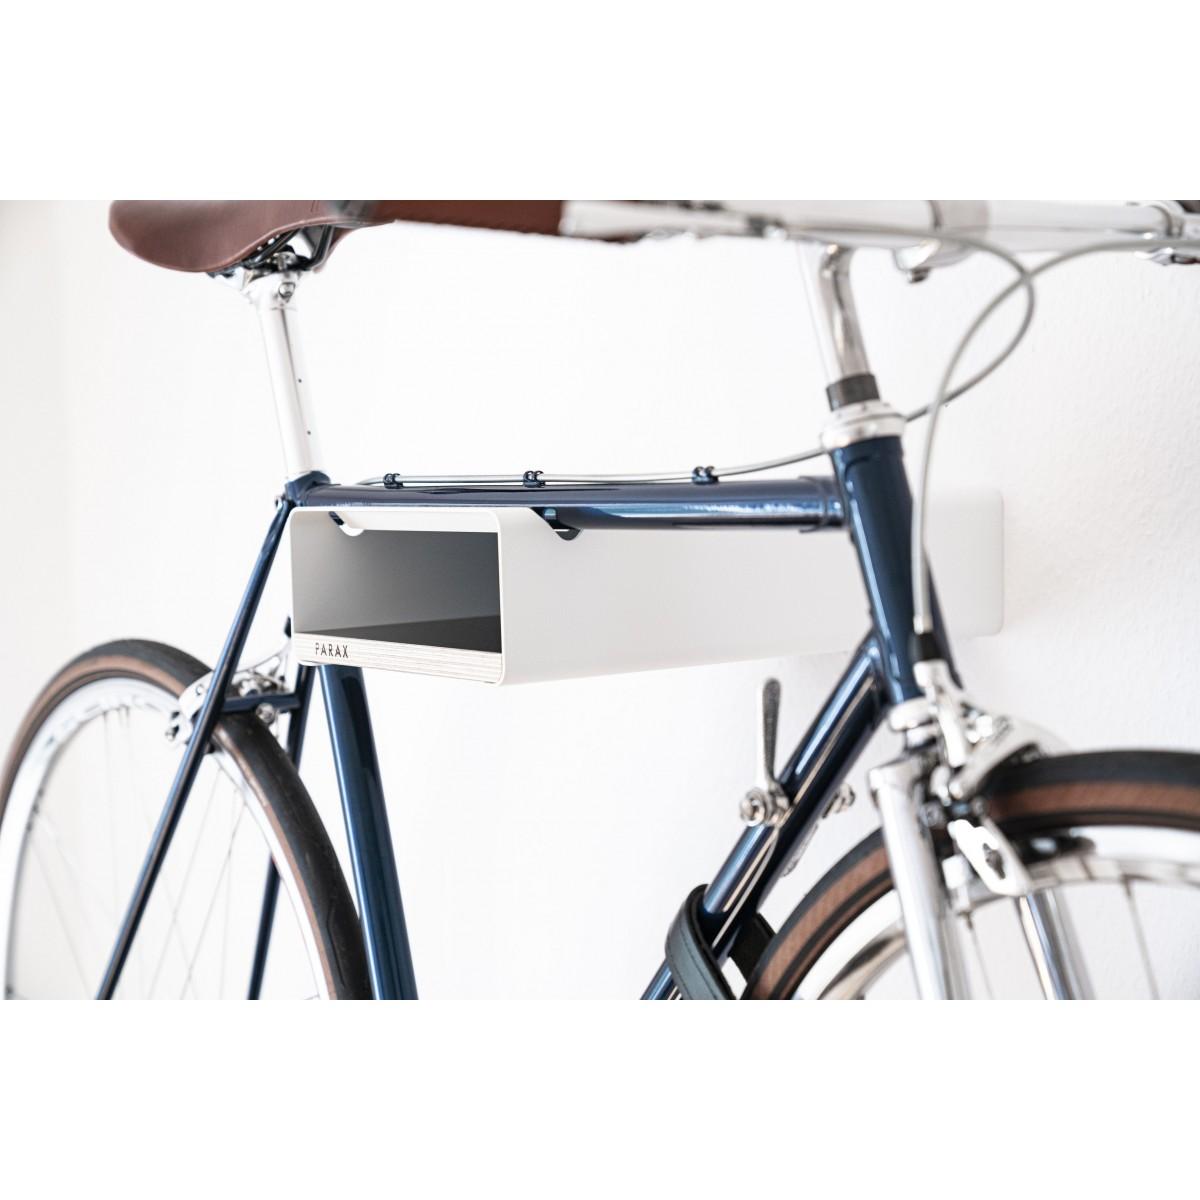 Design Fahrrad-Wandhalterung   PARAX® S-RACK   Weiß mit Holz Schwarz   für Rennrad Hardtail & Cityrad